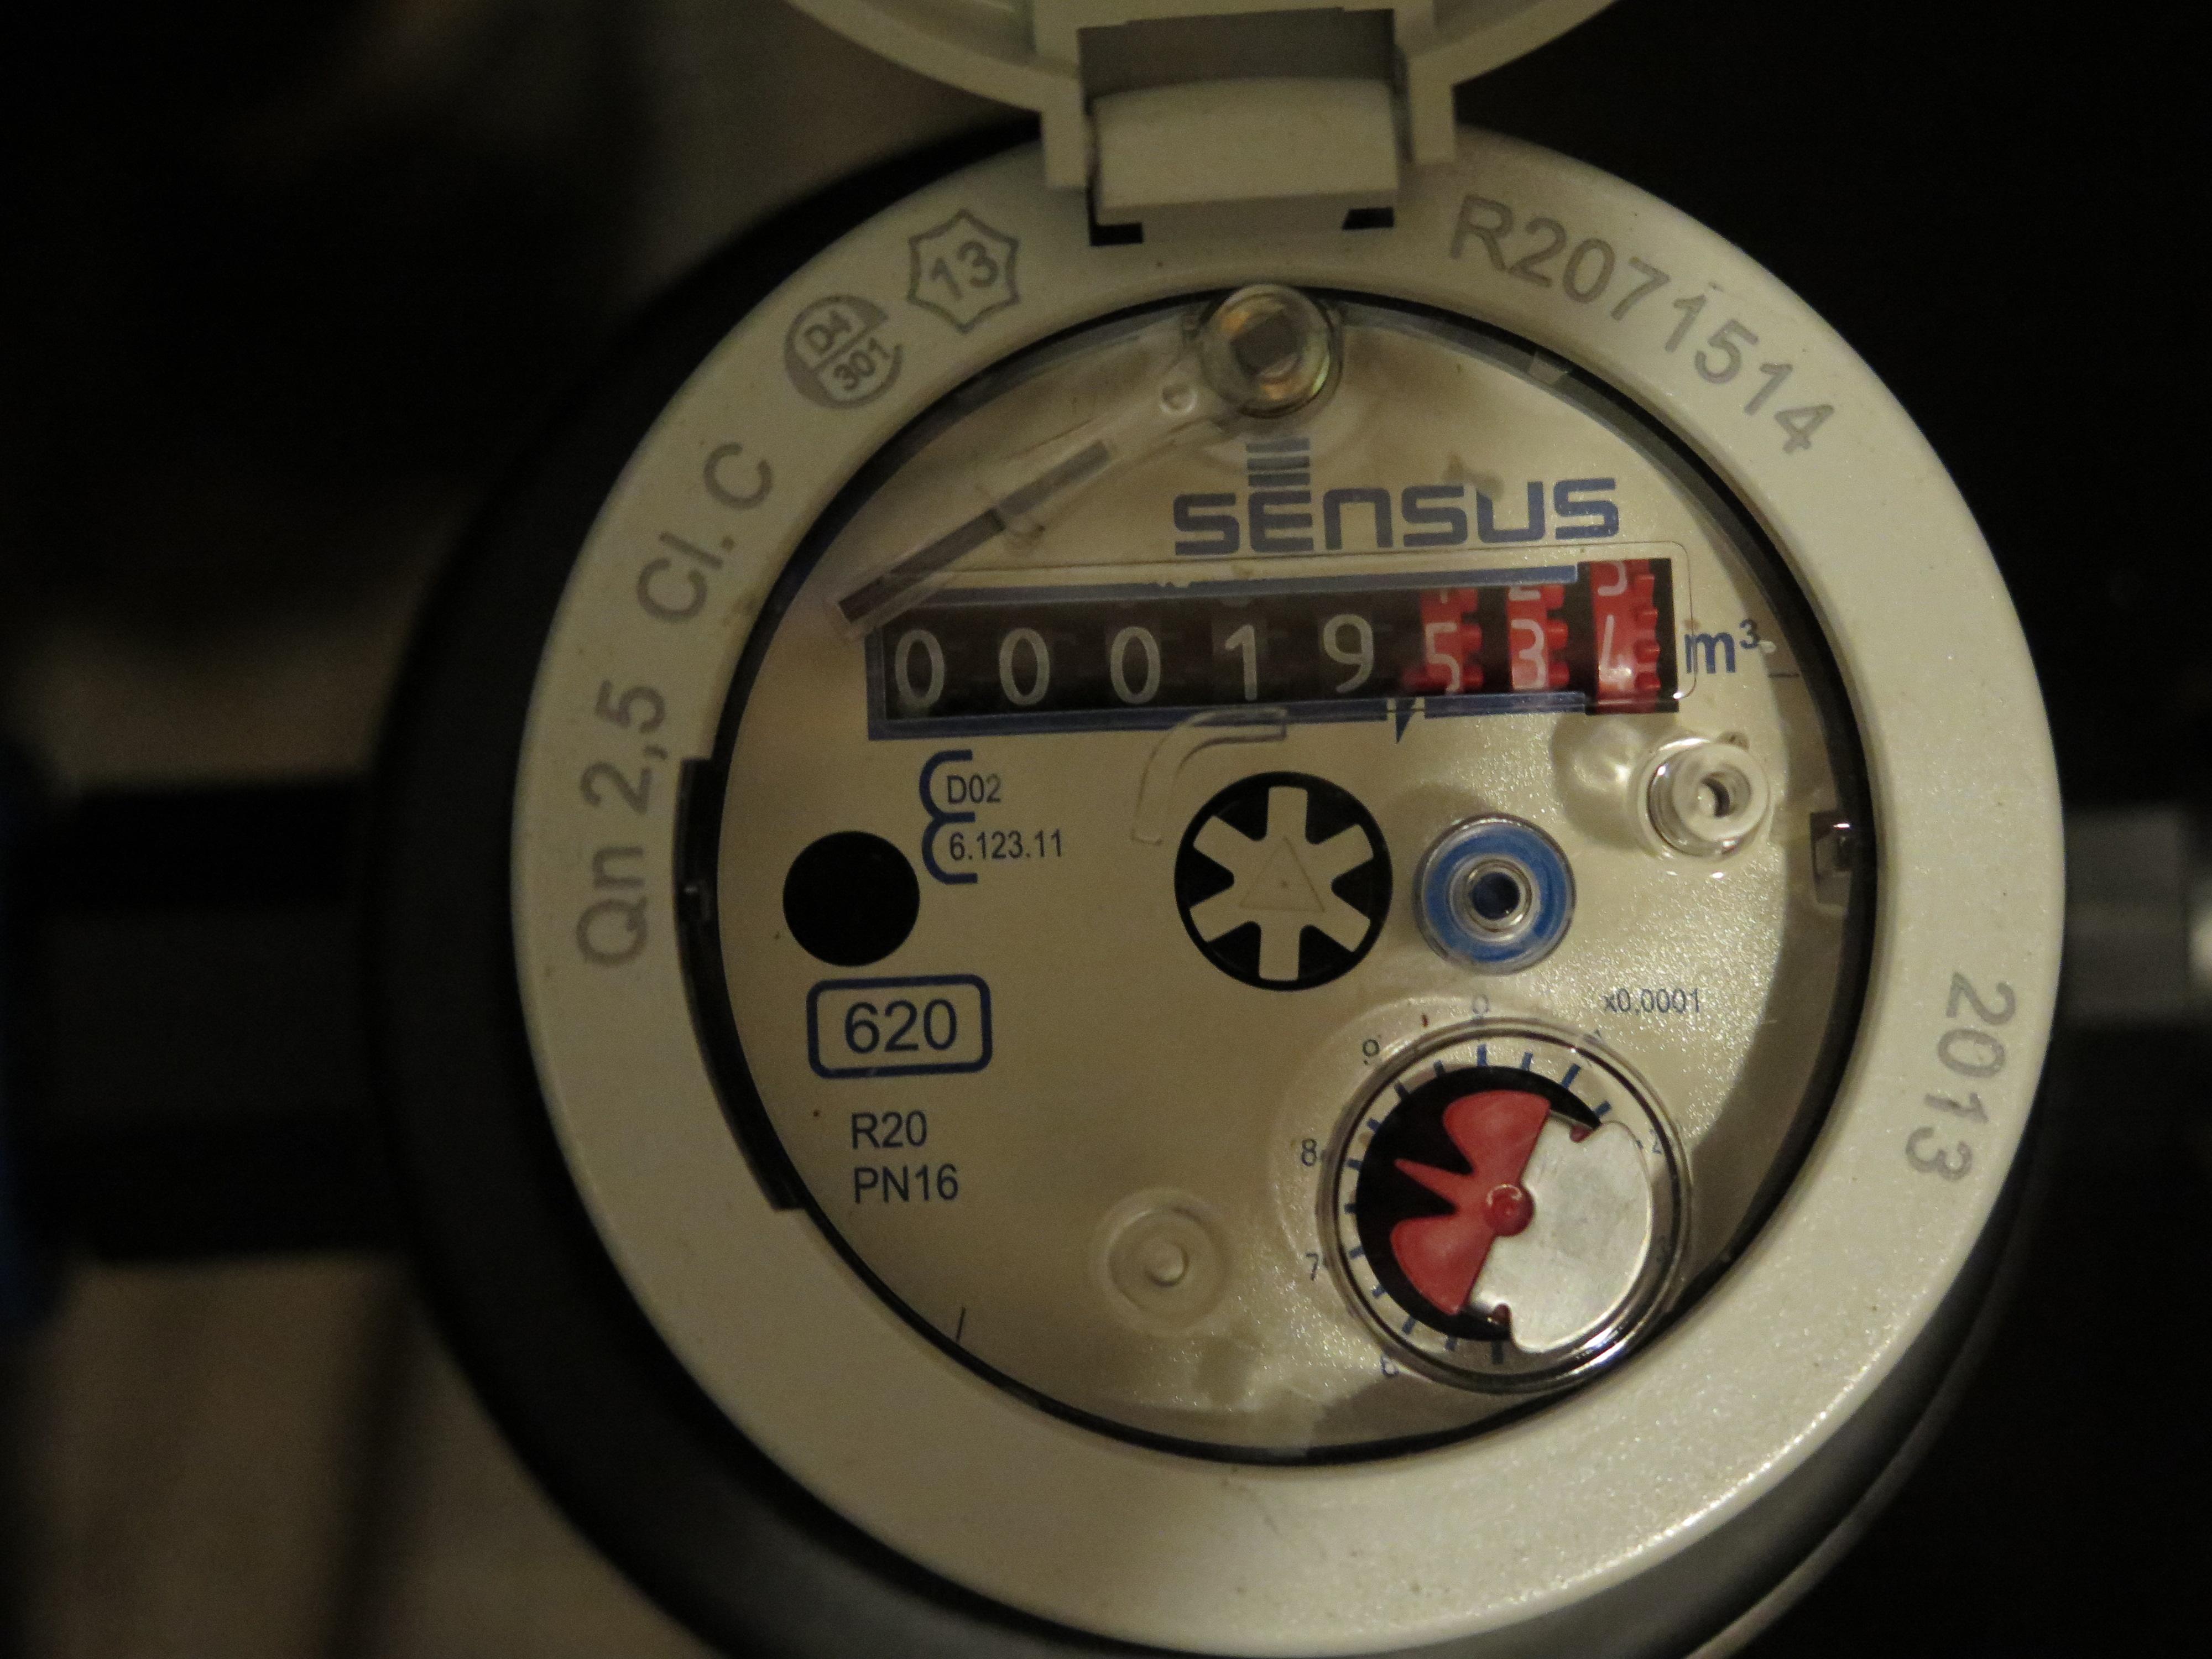 Sensus water meter